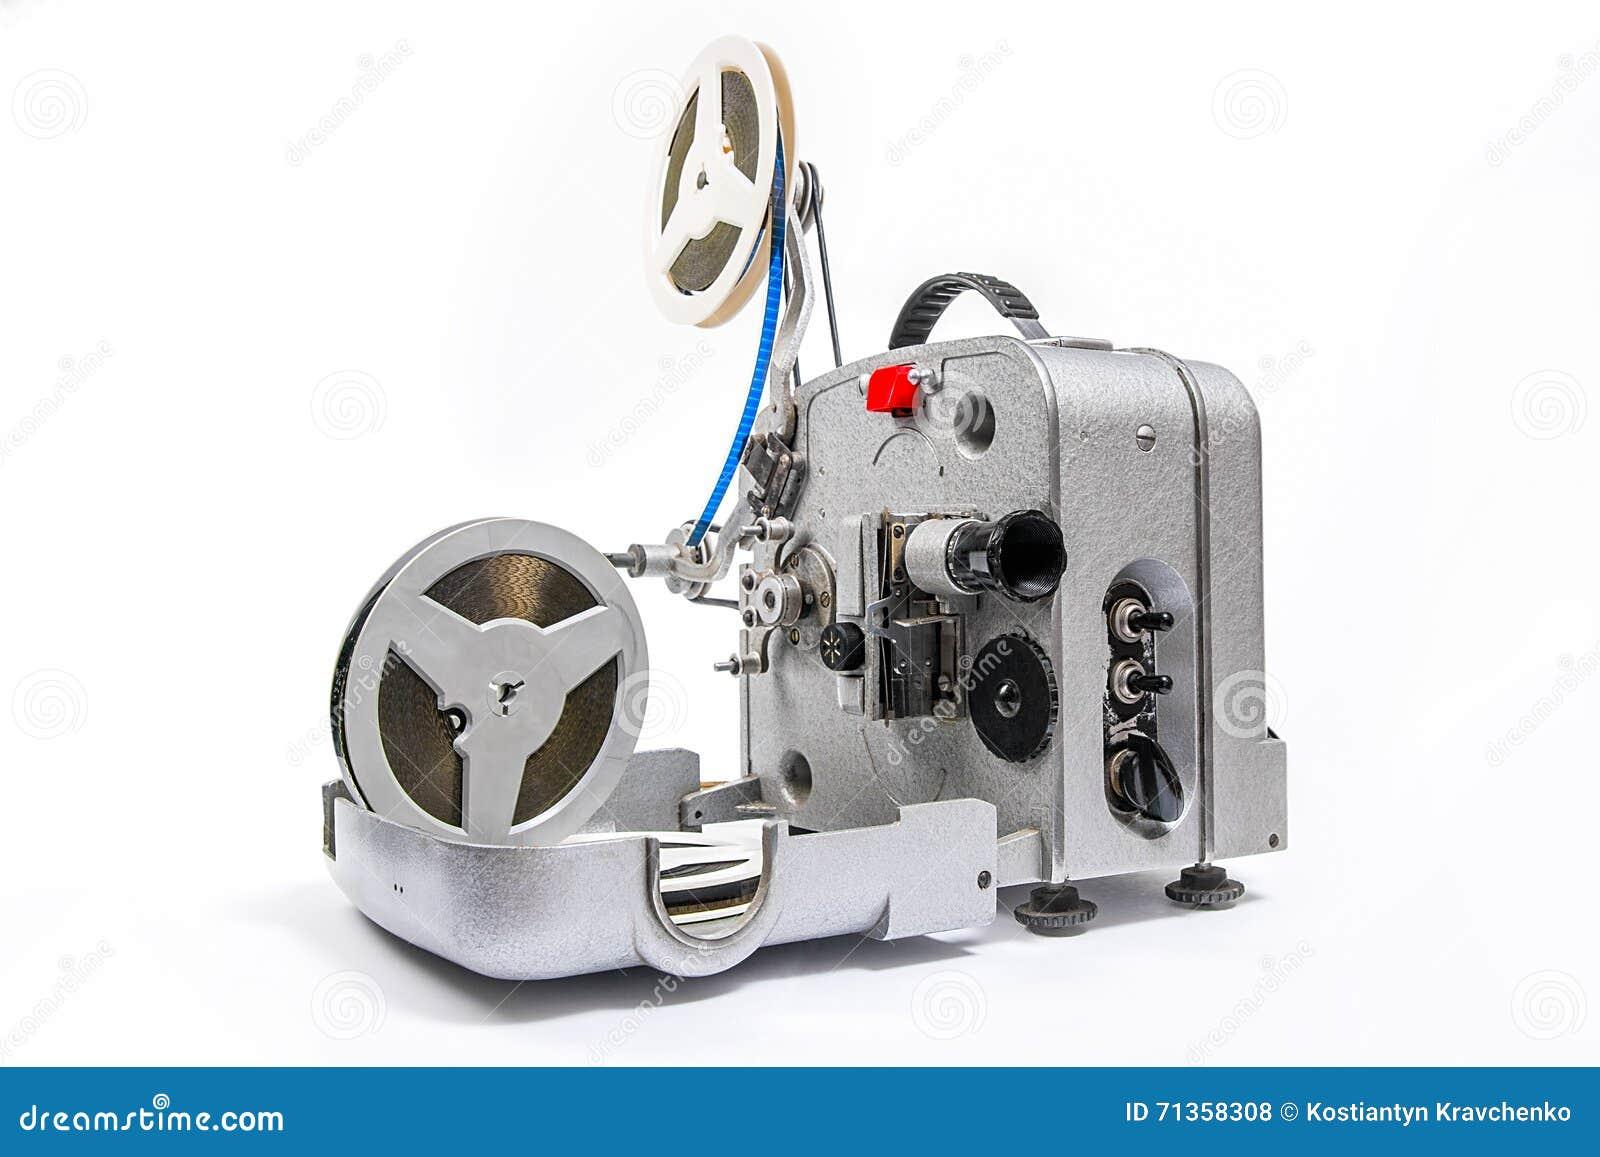 葡萄酒电影胶卷放映机和卷轴电影图片